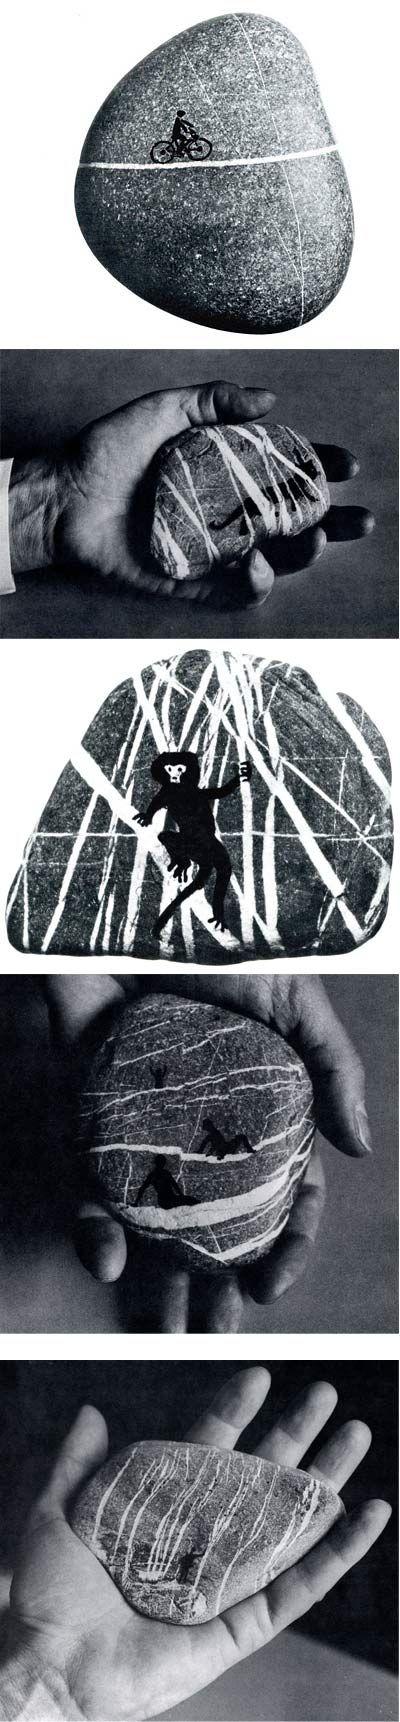 Bruno Munari (né le 24 octobre 1907 à Milan et mort dans la même ville le 30 septembre 1998) est un artiste plasticien italien contemporain. Peintre, sculpteur, dessinateur, designer, il est également auteur et illustrateur de livres pour enfants.